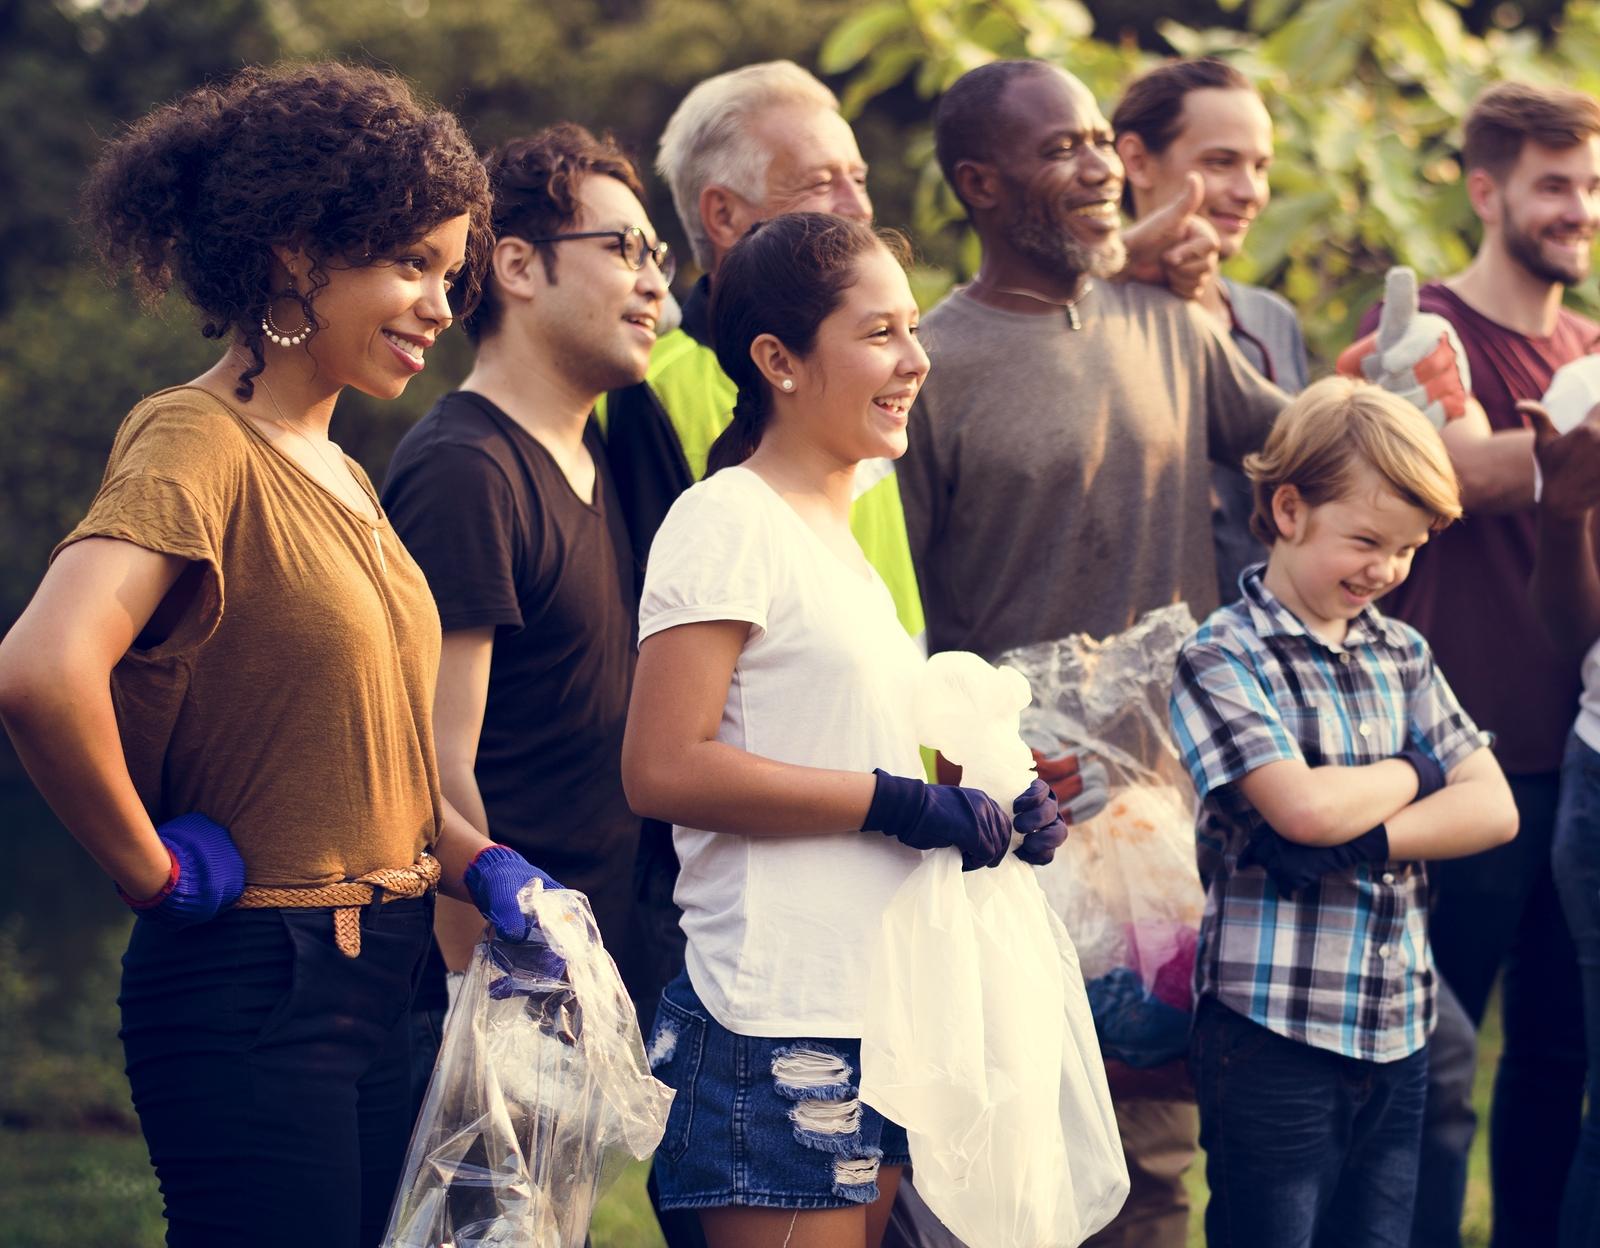 bigstock-Group-of-diversity-people-volu-177385450.jpg